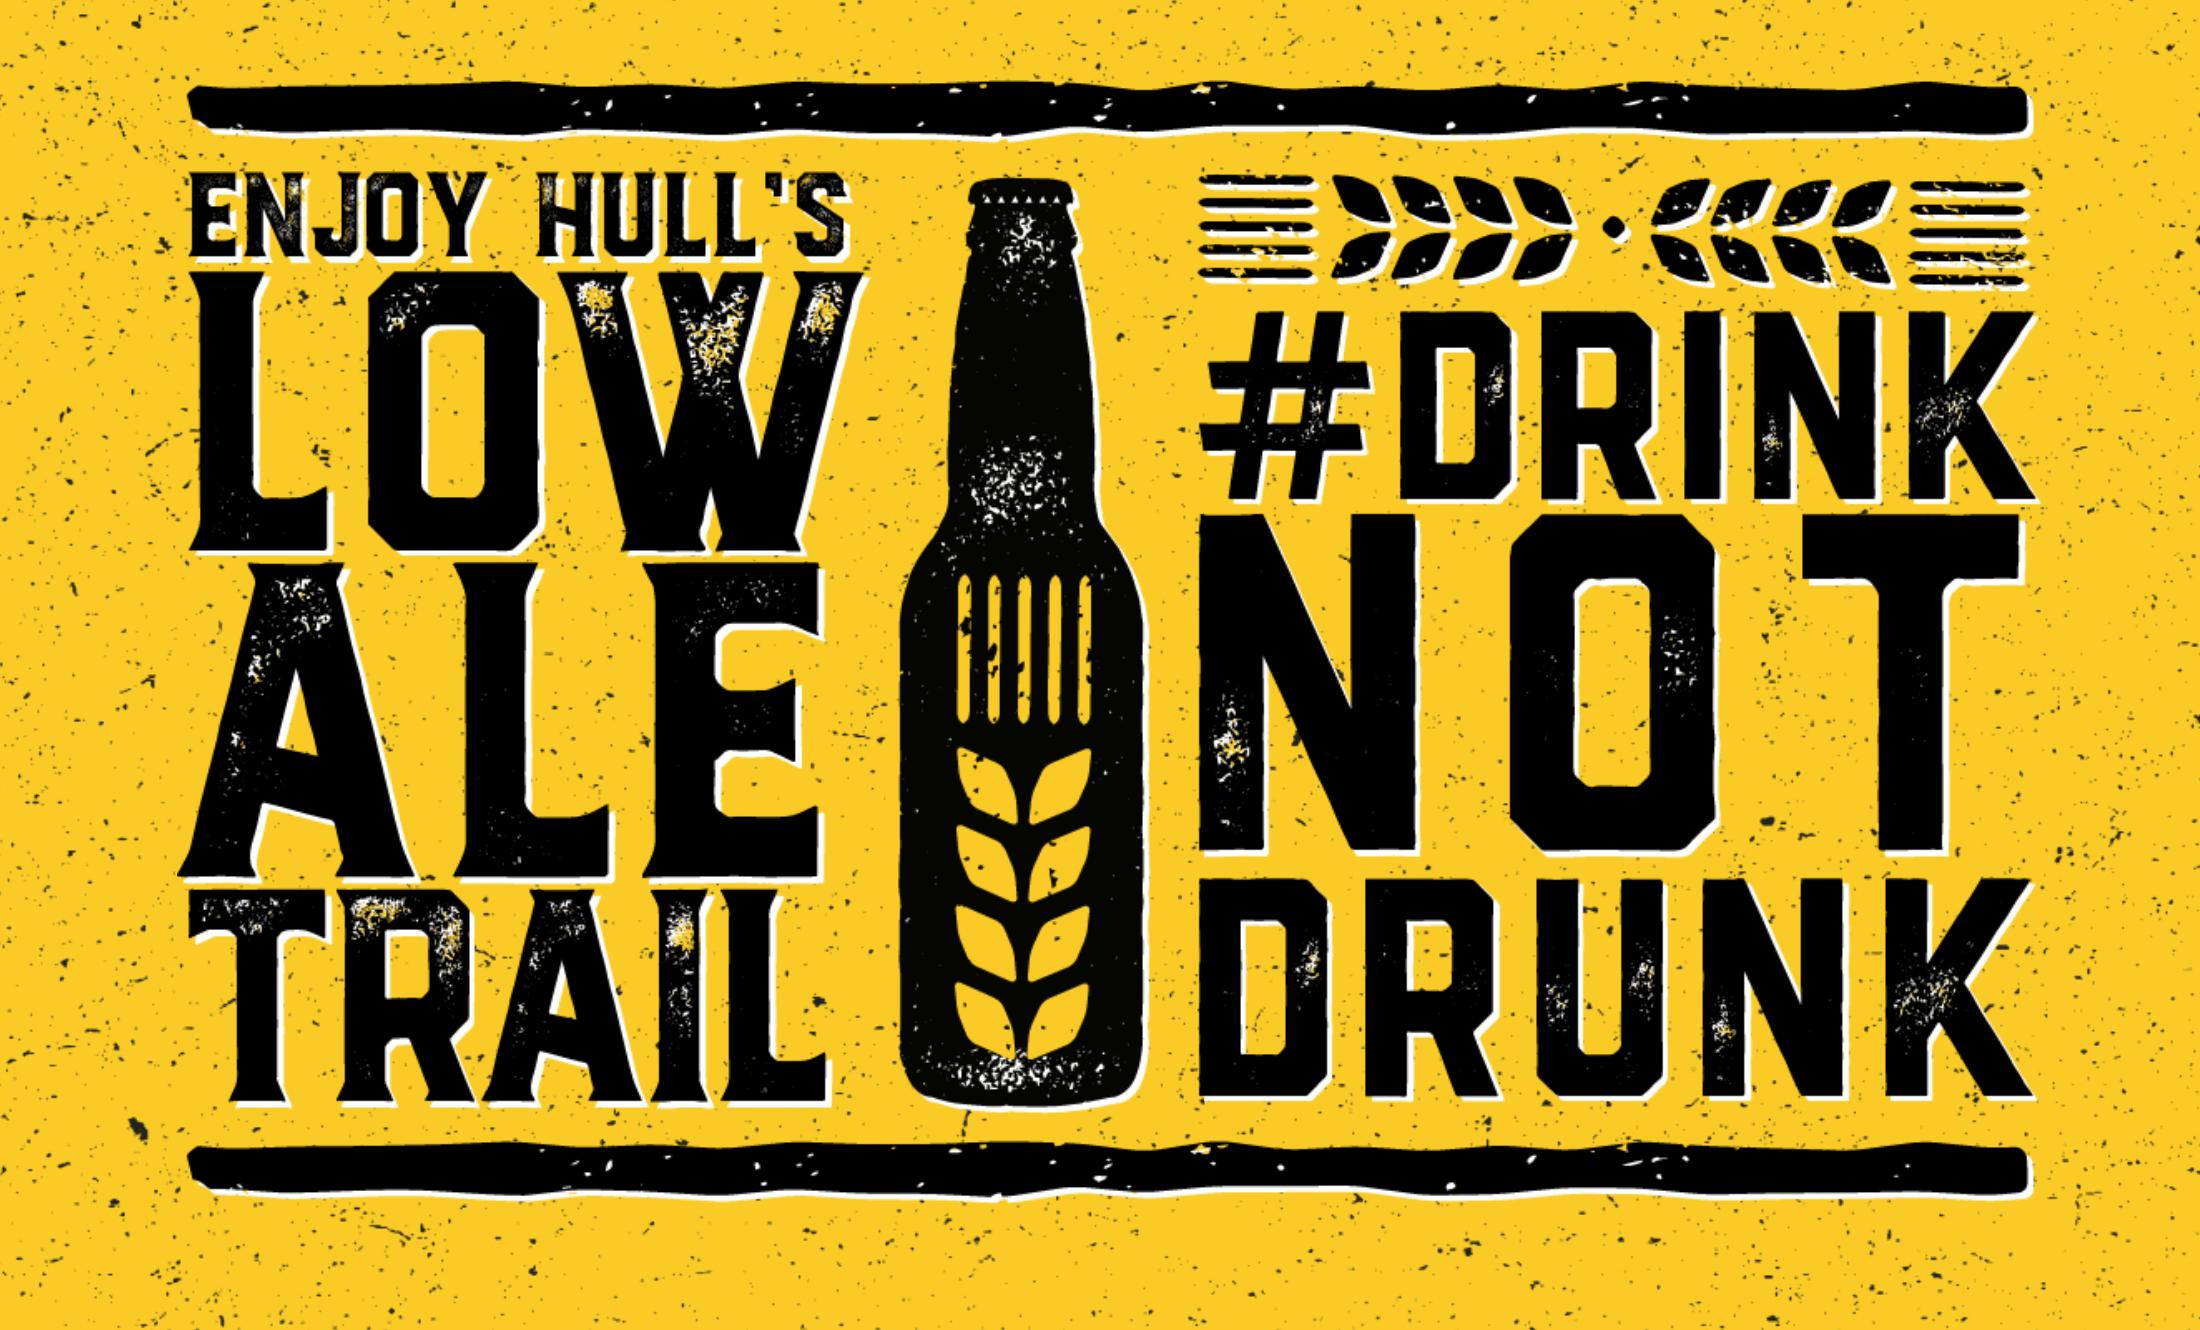 Low ale trail